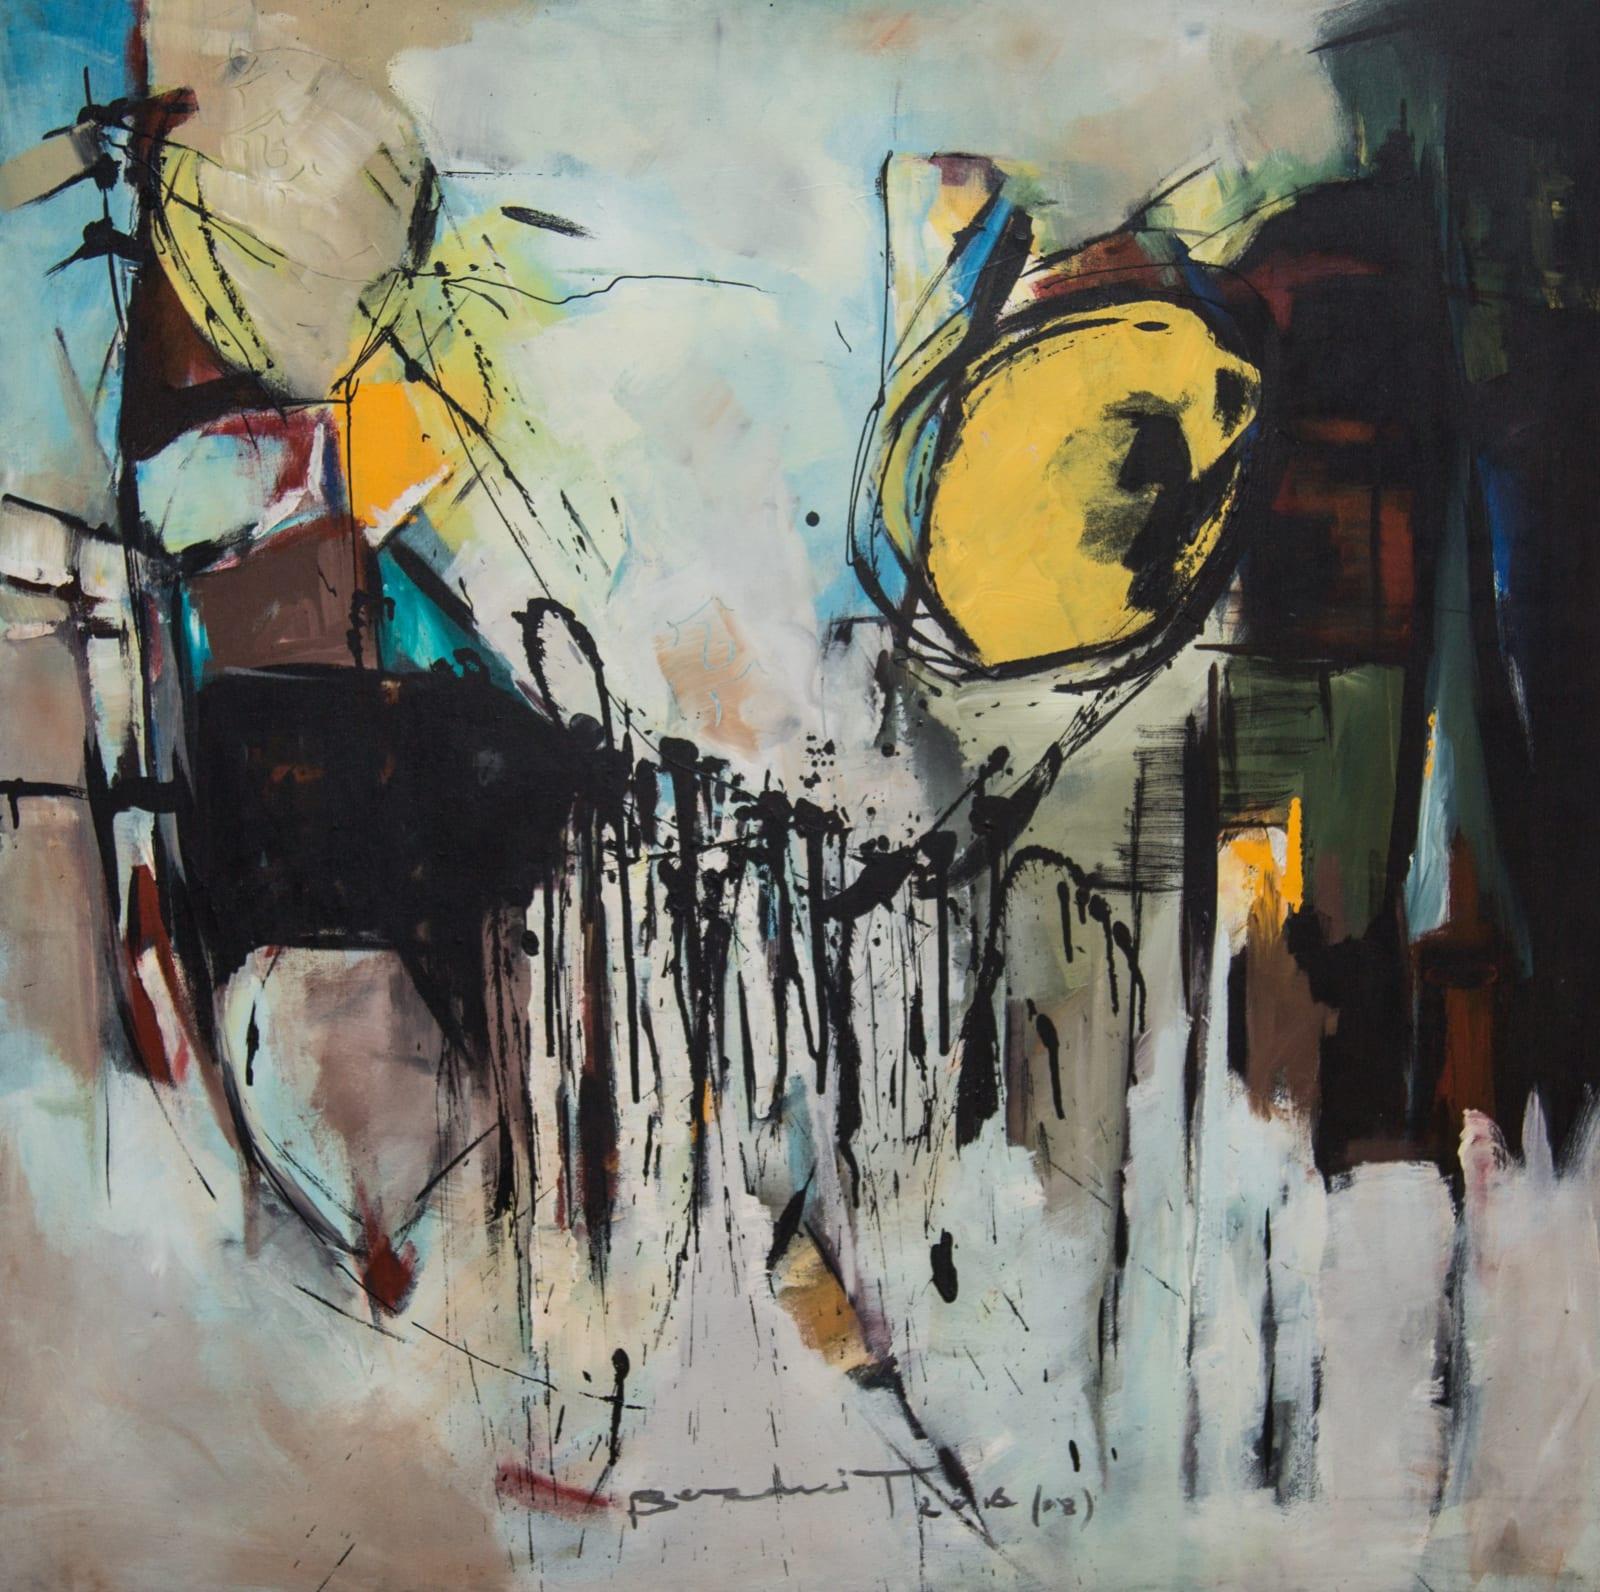 Bezawit Wondwosen, Untitled I, 2016